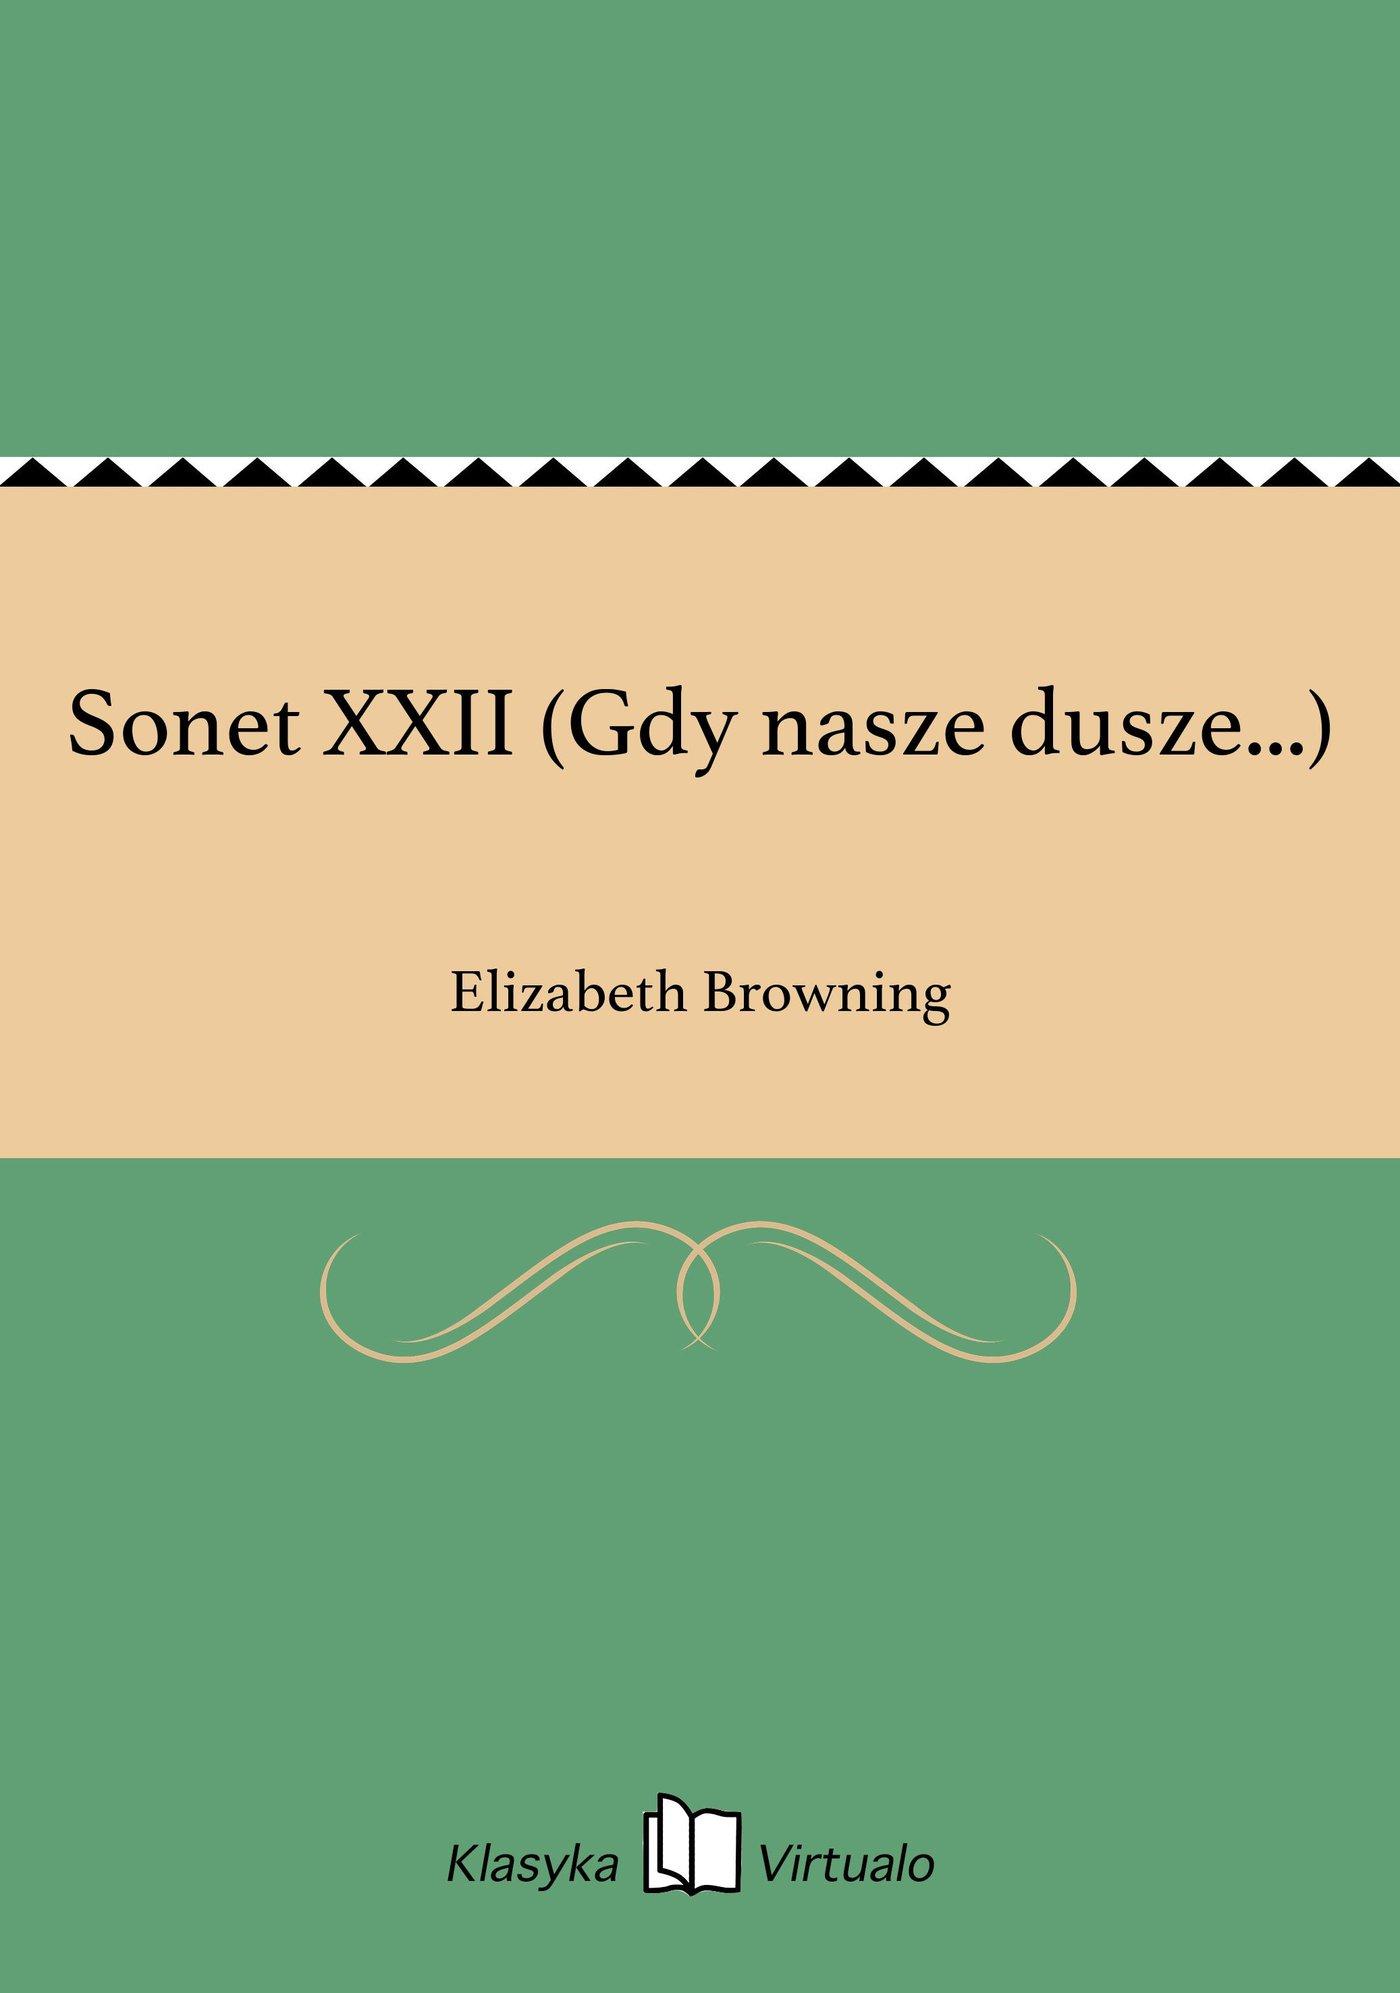 Sonet XXII (Gdy nasze dusze...) - Ebook (Książka EPUB) do pobrania w formacie EPUB